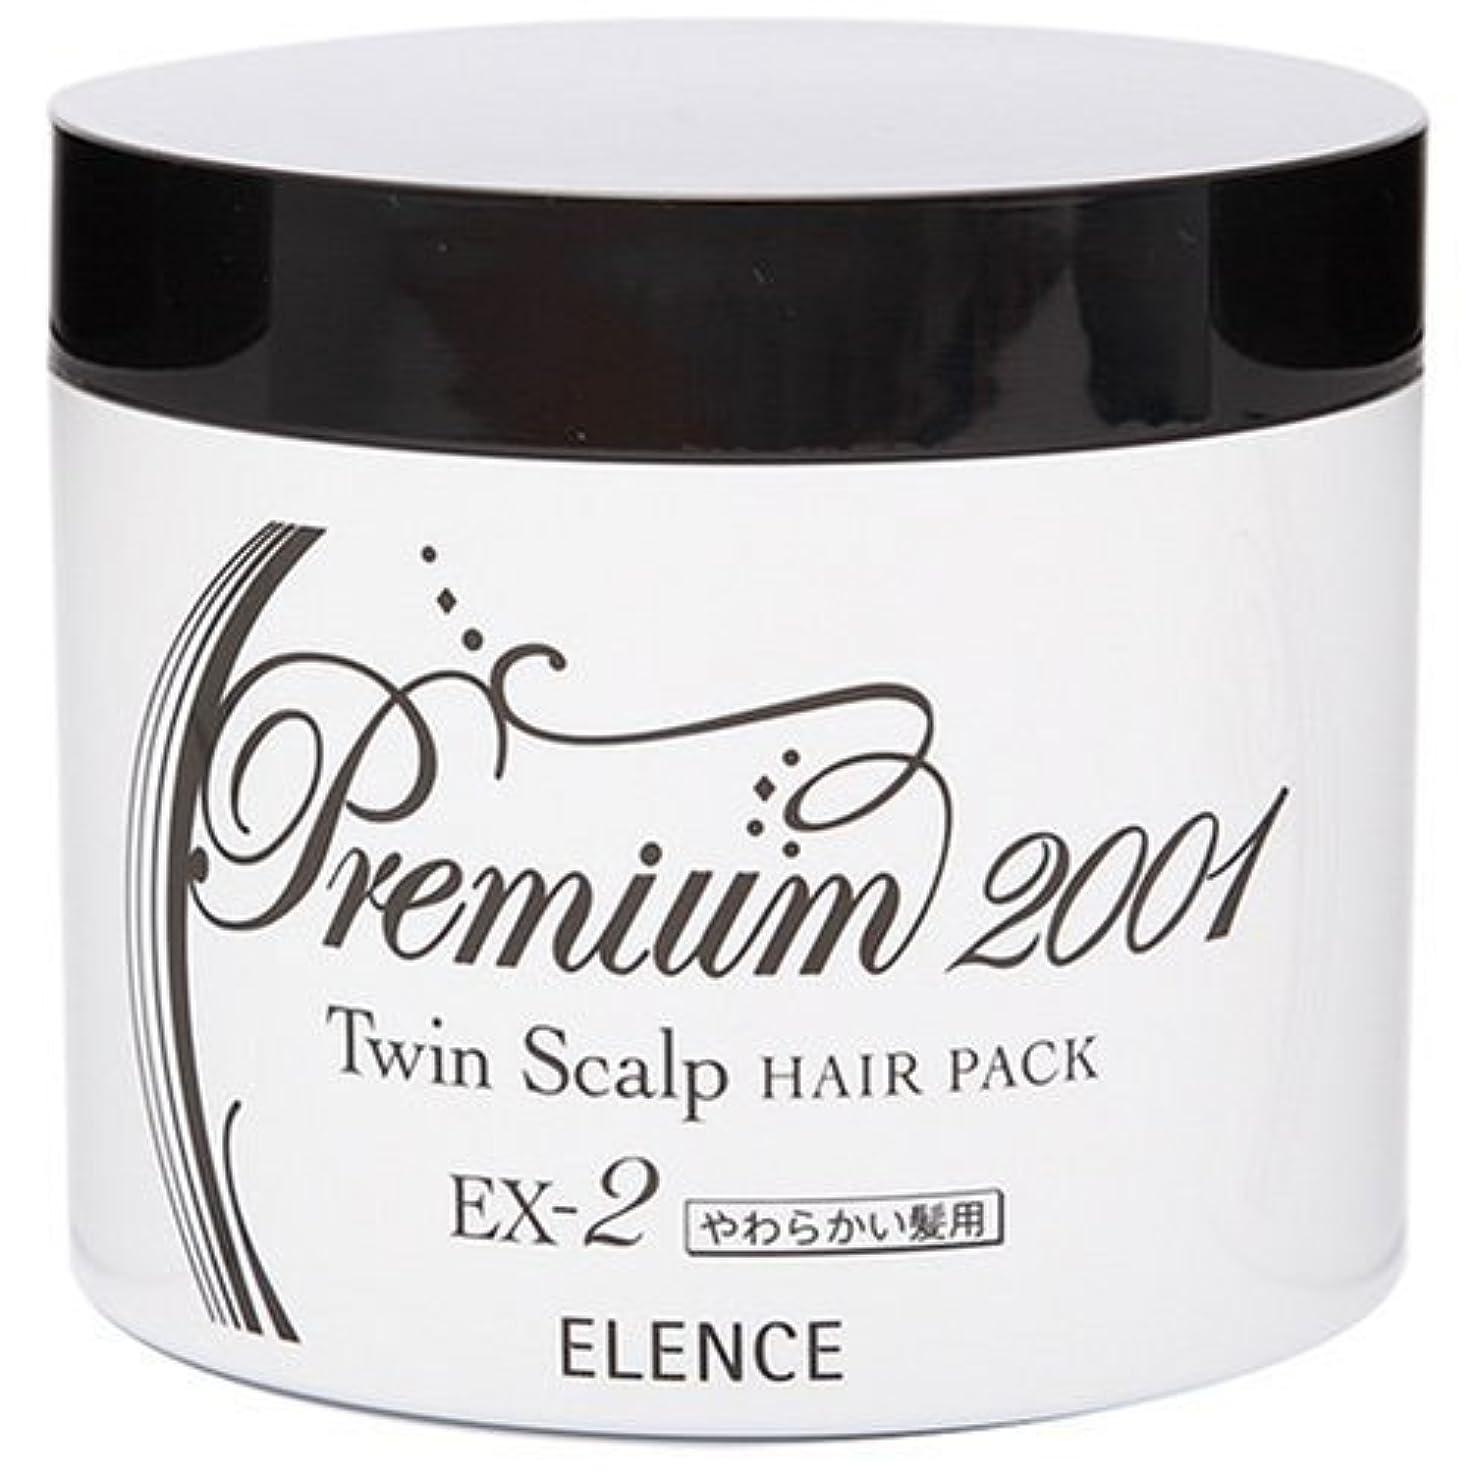 患者影響するレジデンスエレンス2001 ツインスキャルプヘアパックEX-2(やわらかい髪用)